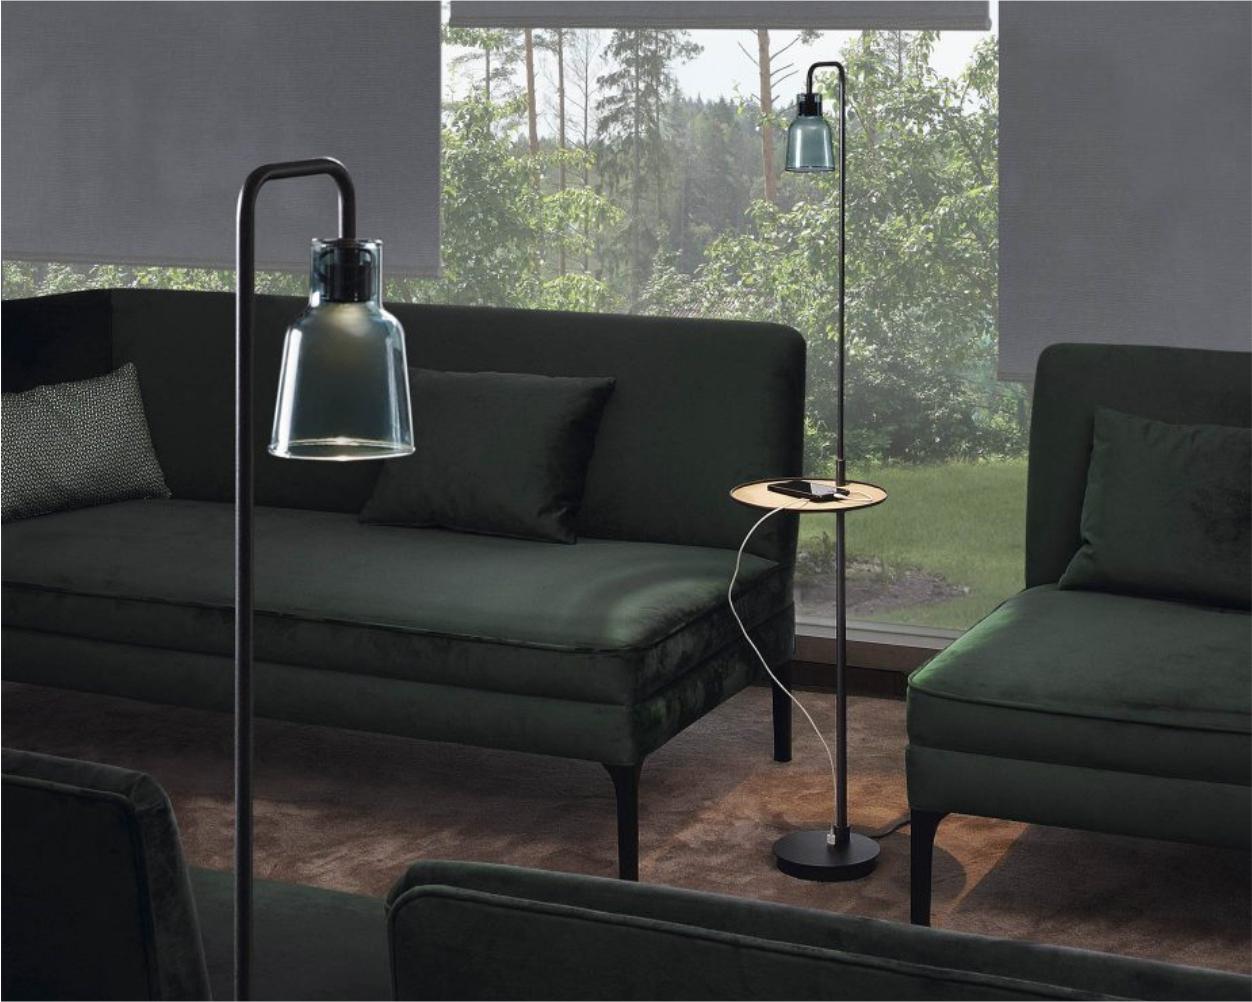 iluminat decorativ - lampadare, lampi de podea pentru interior